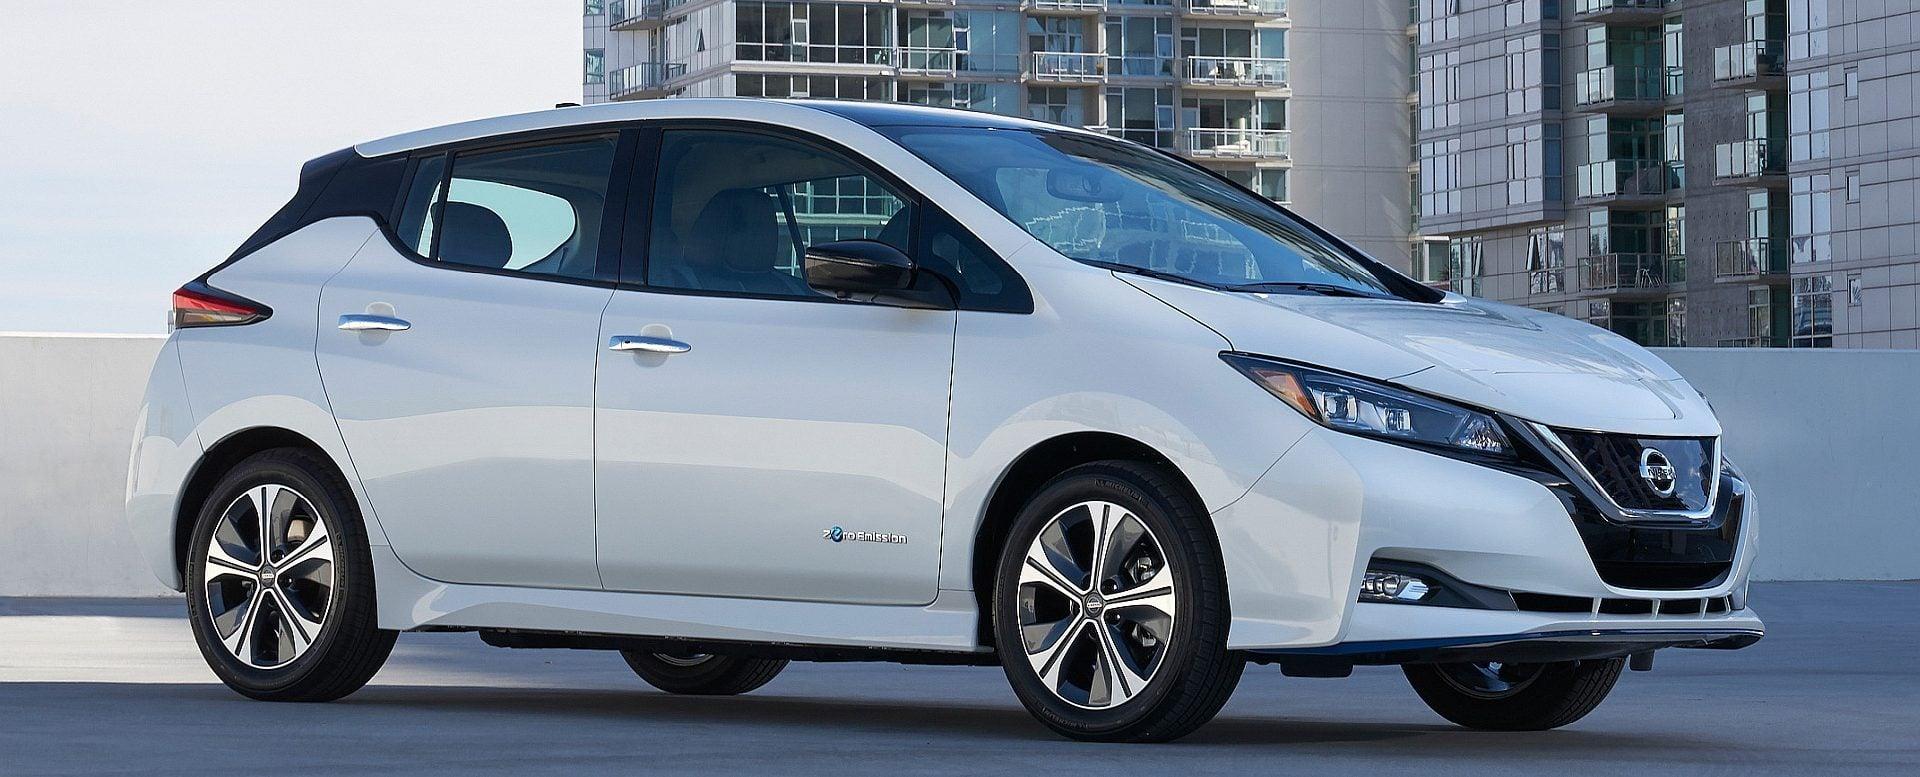 Leaf pojedzie jeszcze dalej - Nissan zaprezentował wersję e+